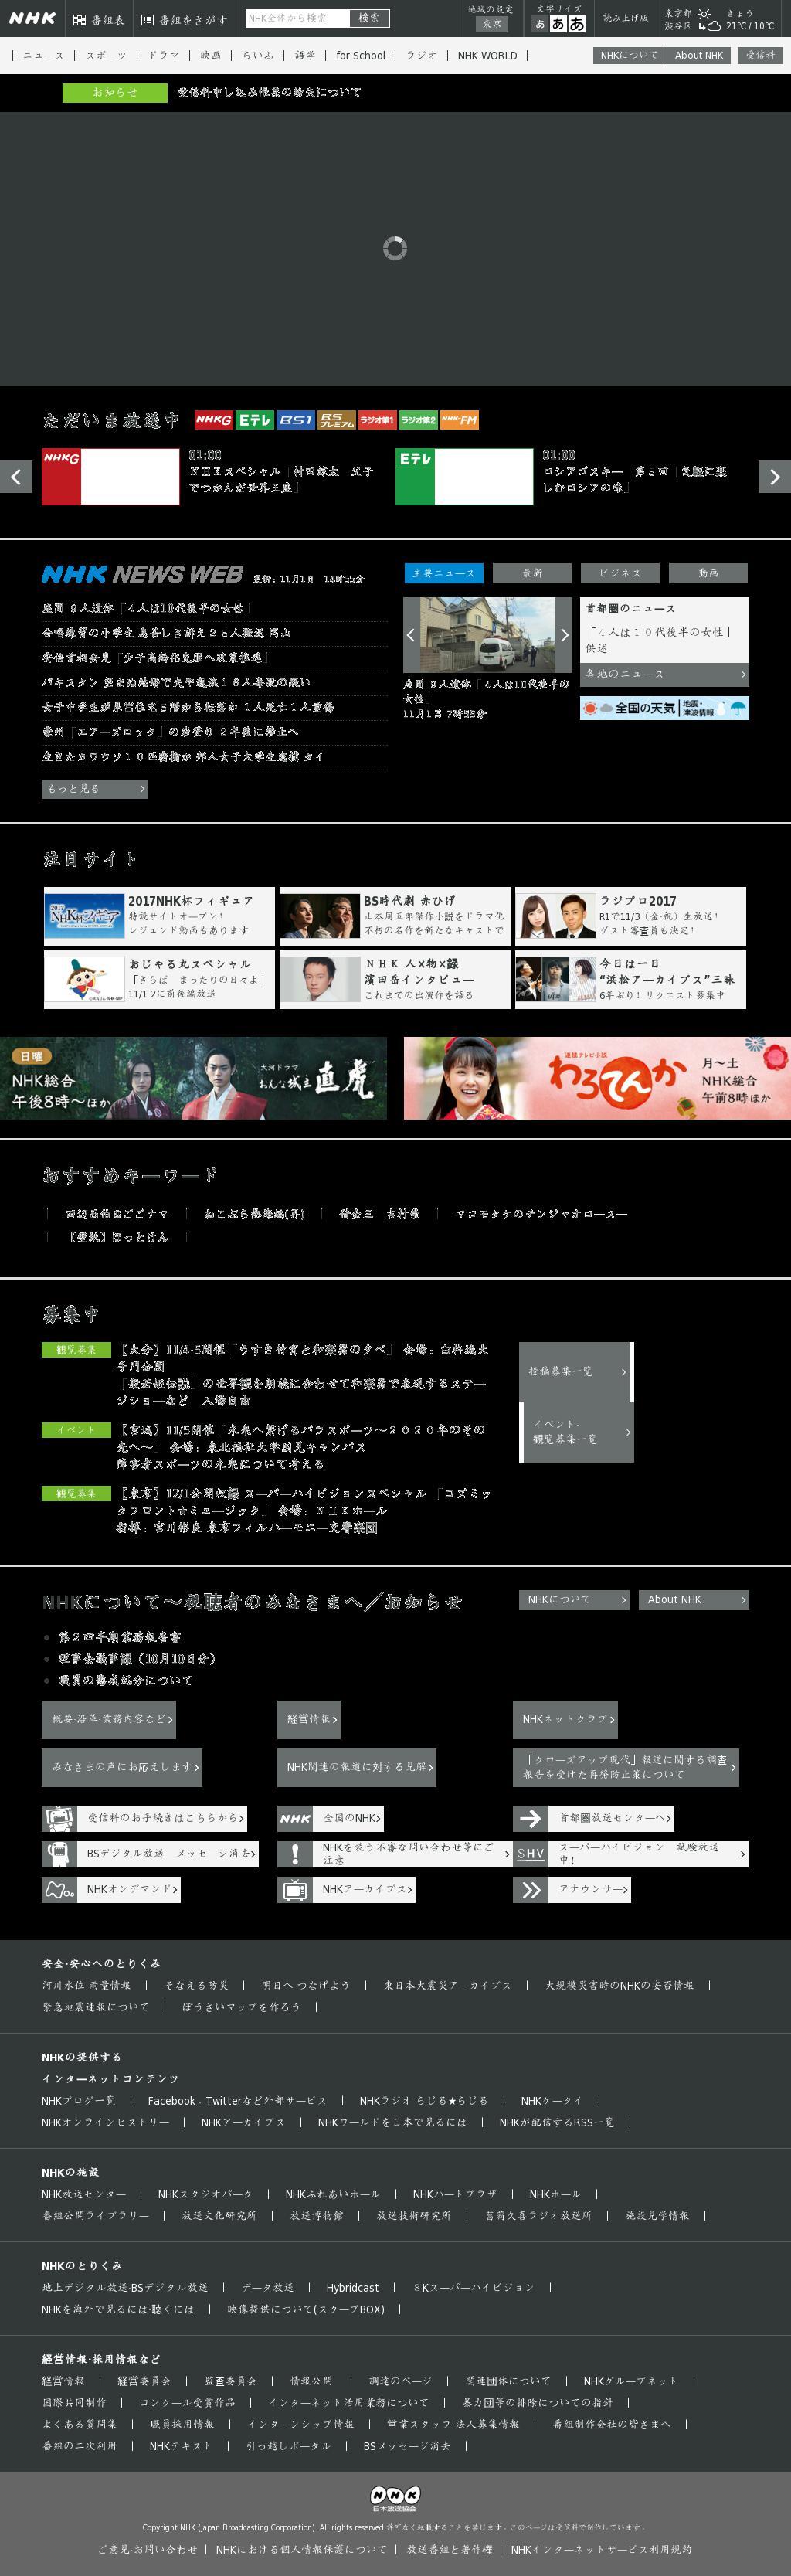 NHK Online at Wednesday Nov. 1, 2017, 4:13 p.m. UTC